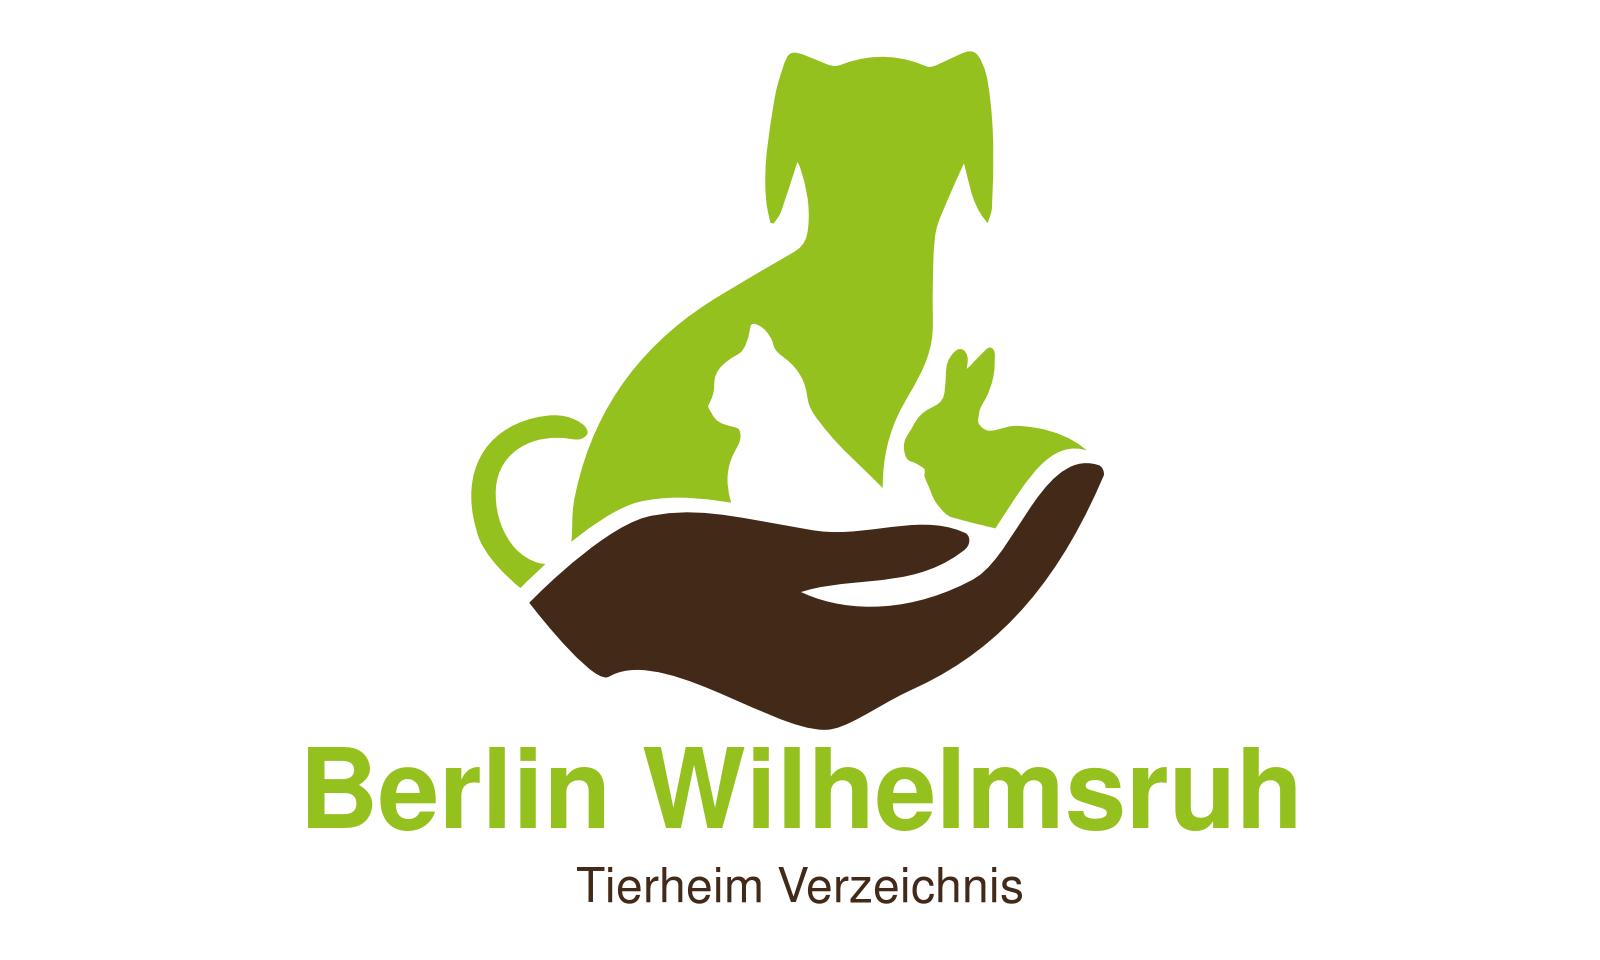 Tierheim Berlin Wilhelmsruh